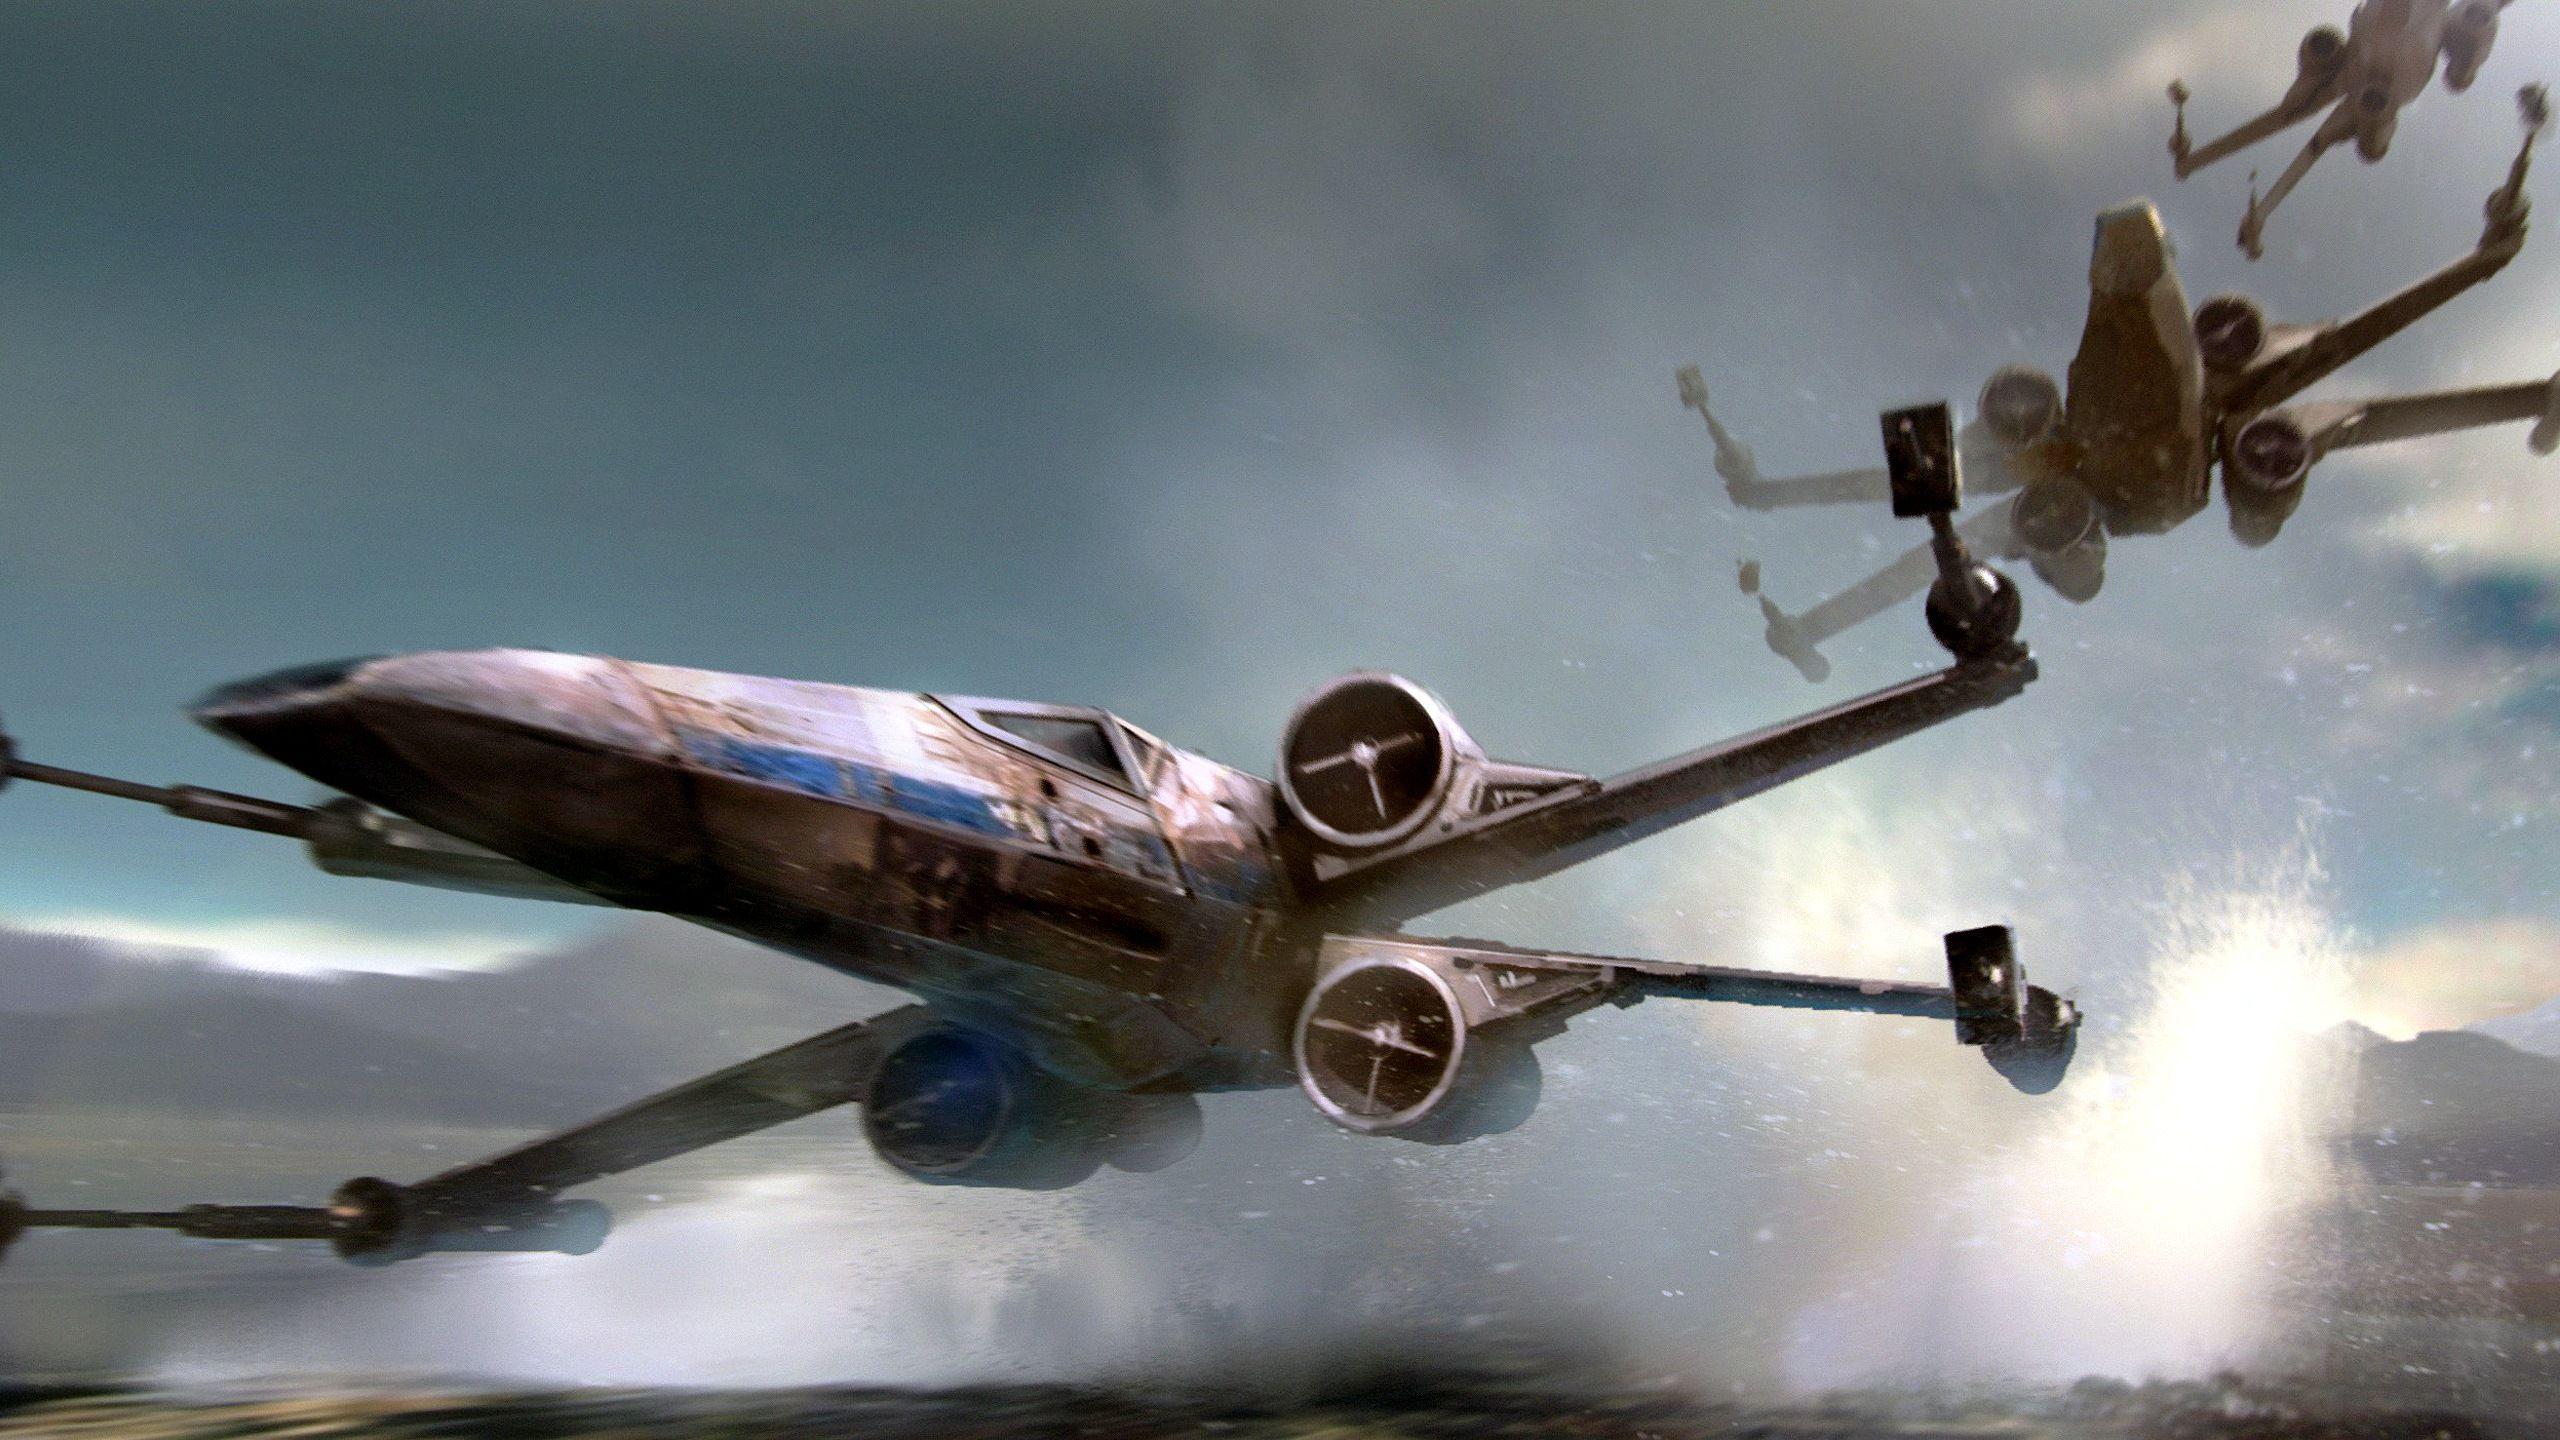 Xwing 2560 X 1440 Px Star Wars Concept Art Star Wars Wallpaper Star Wars Fan Art